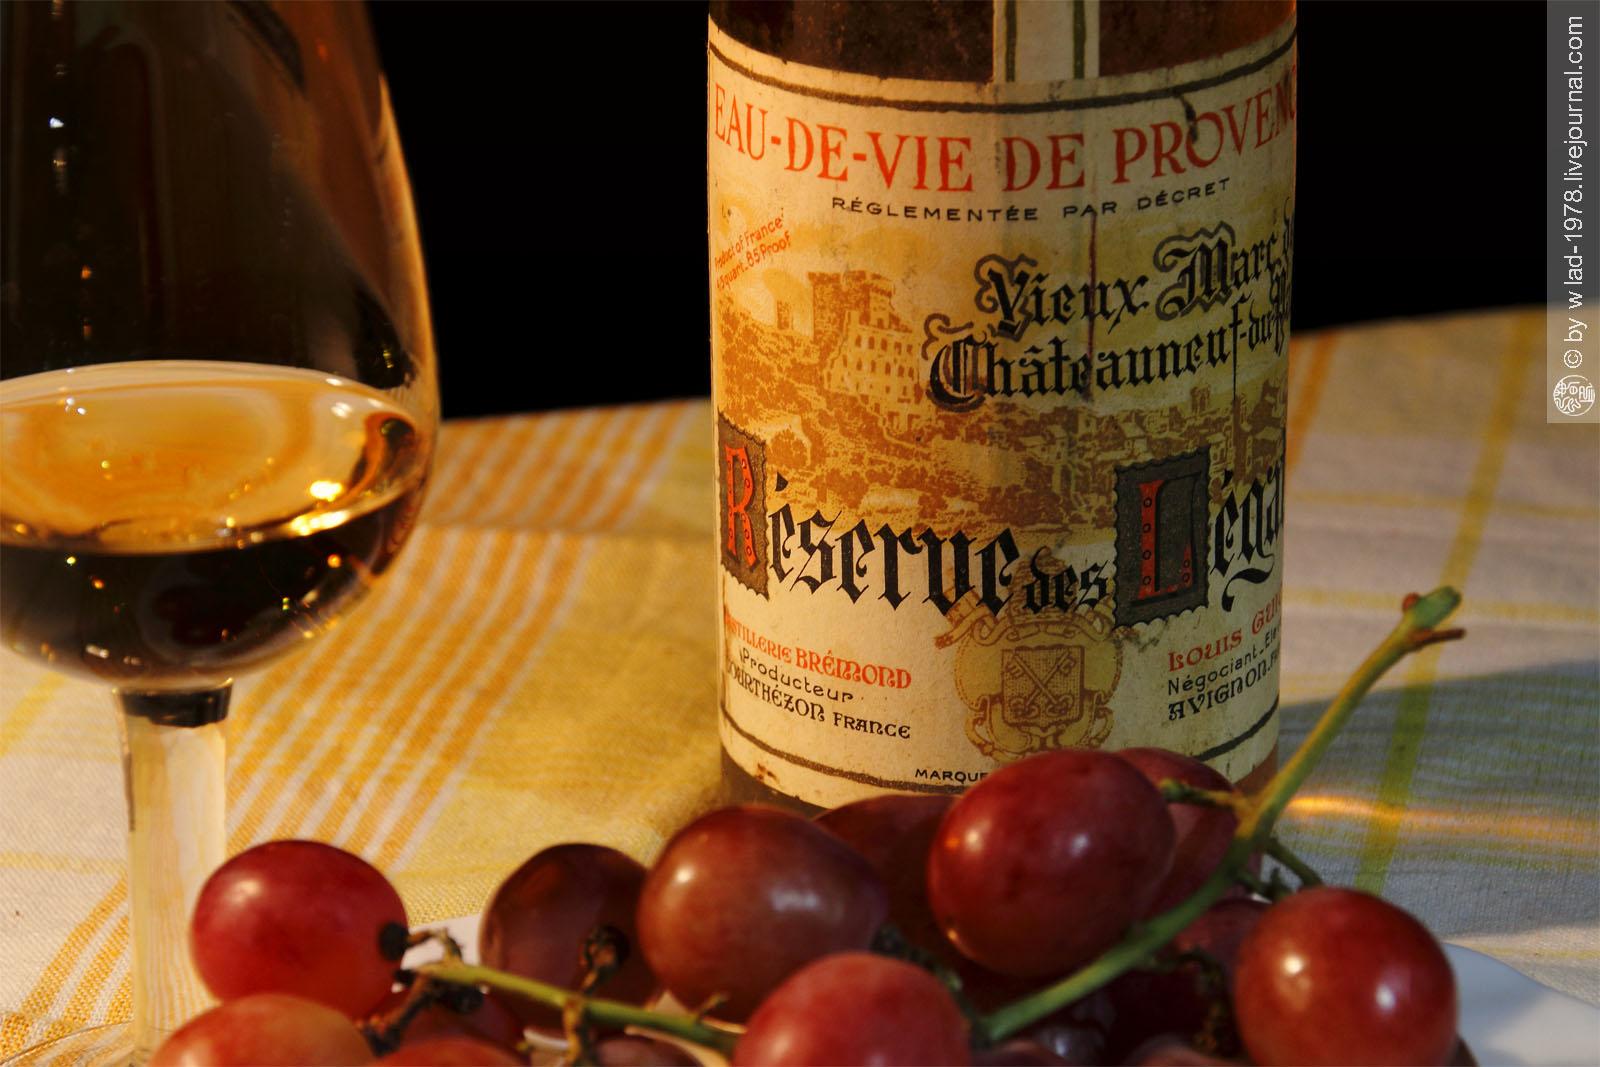 Vieux Marc de Châteauneuf-du-Pape